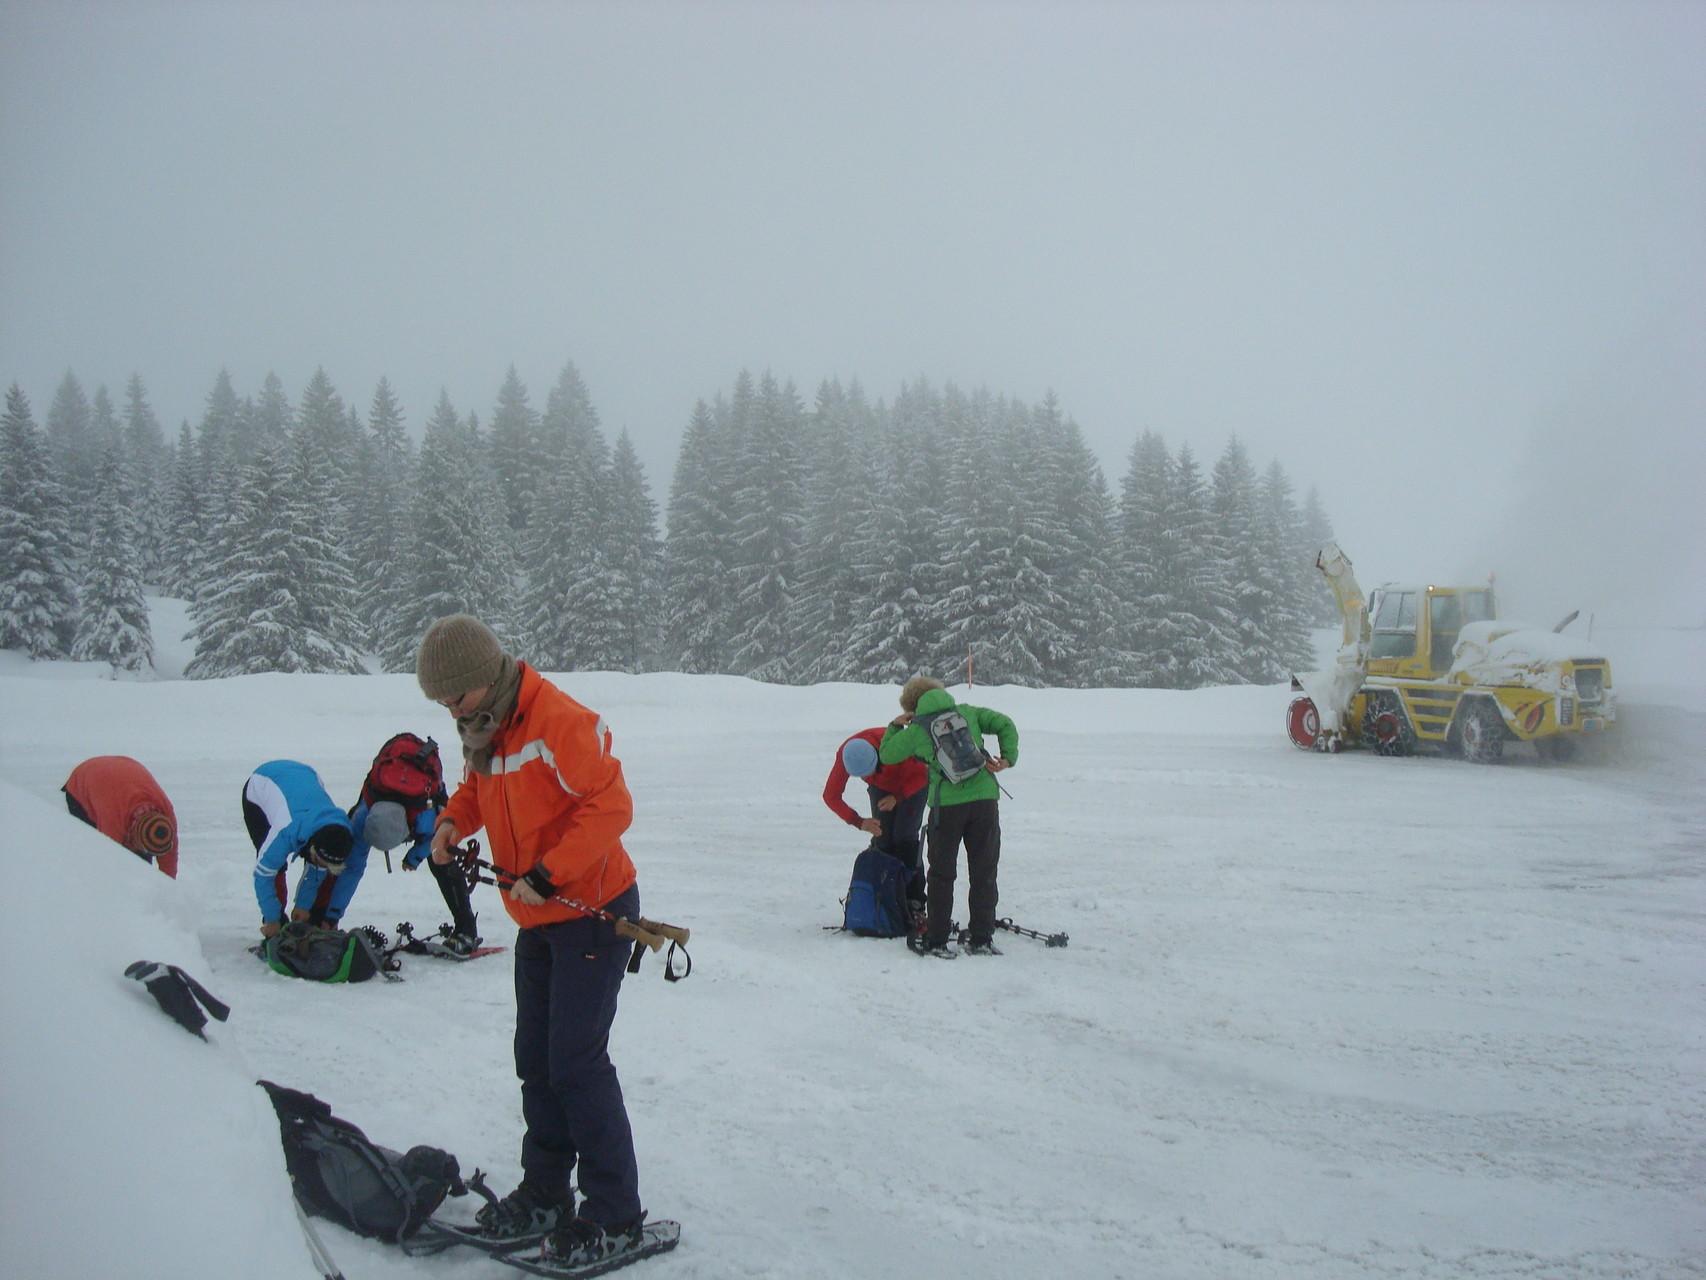 Die Freude über uns hielt sich beim Schneeschleudermann in Grenzen